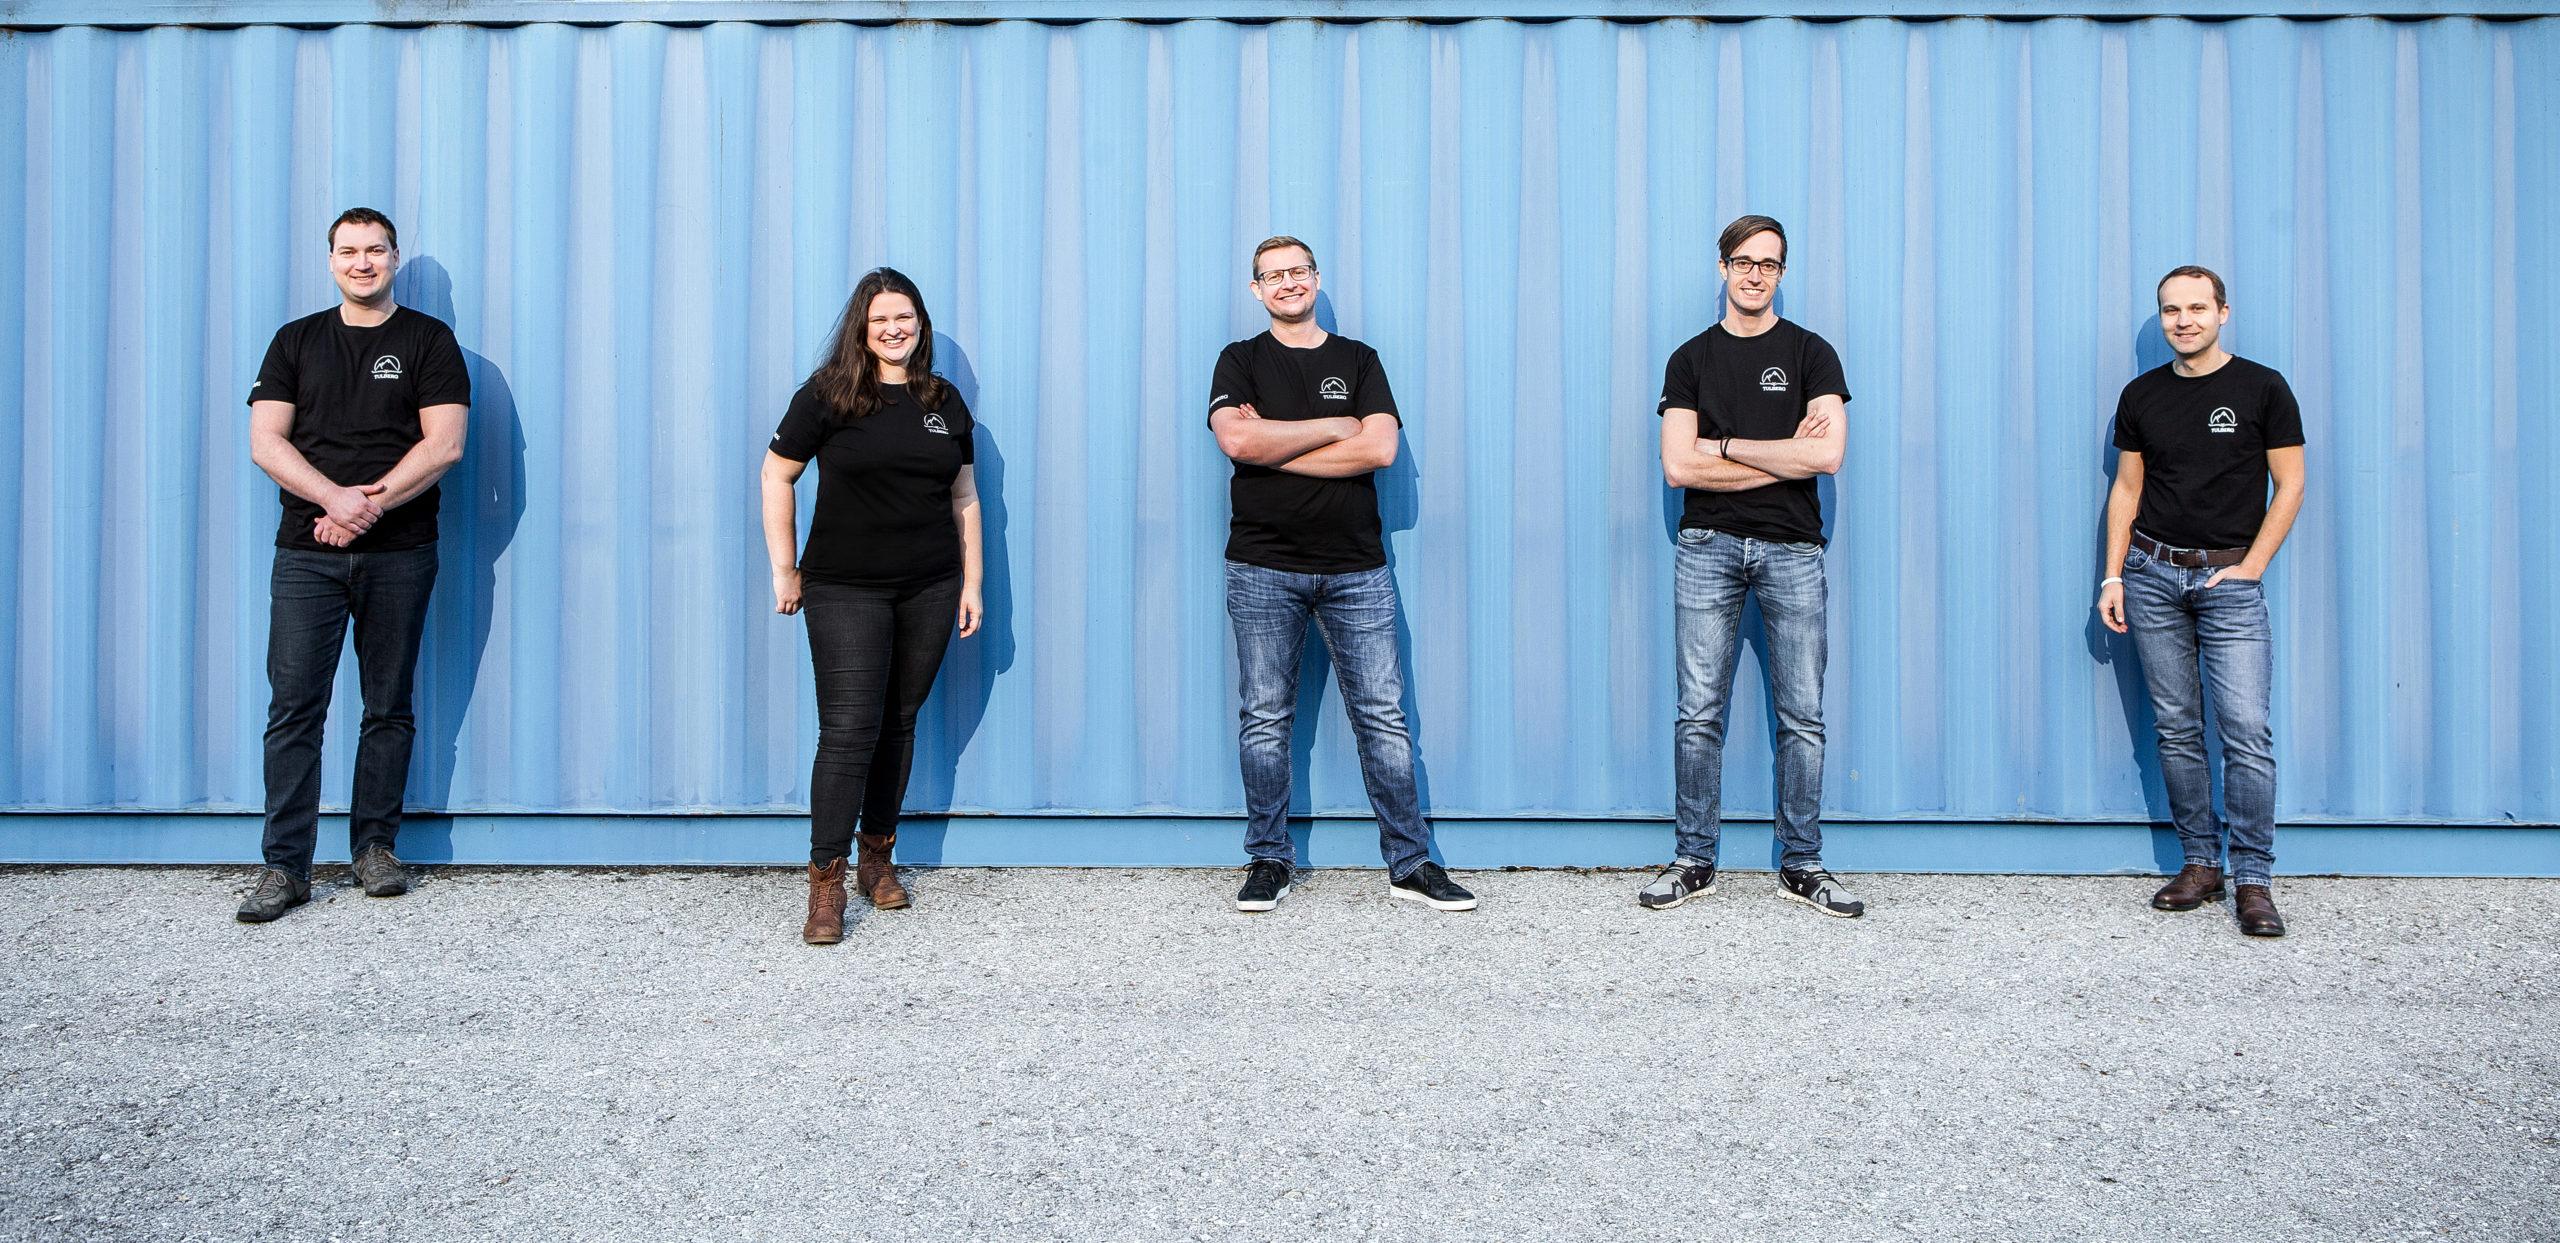 Das Tulberg Team - ihr Team für Anlagen und Maschinen in der Direktvermarktung